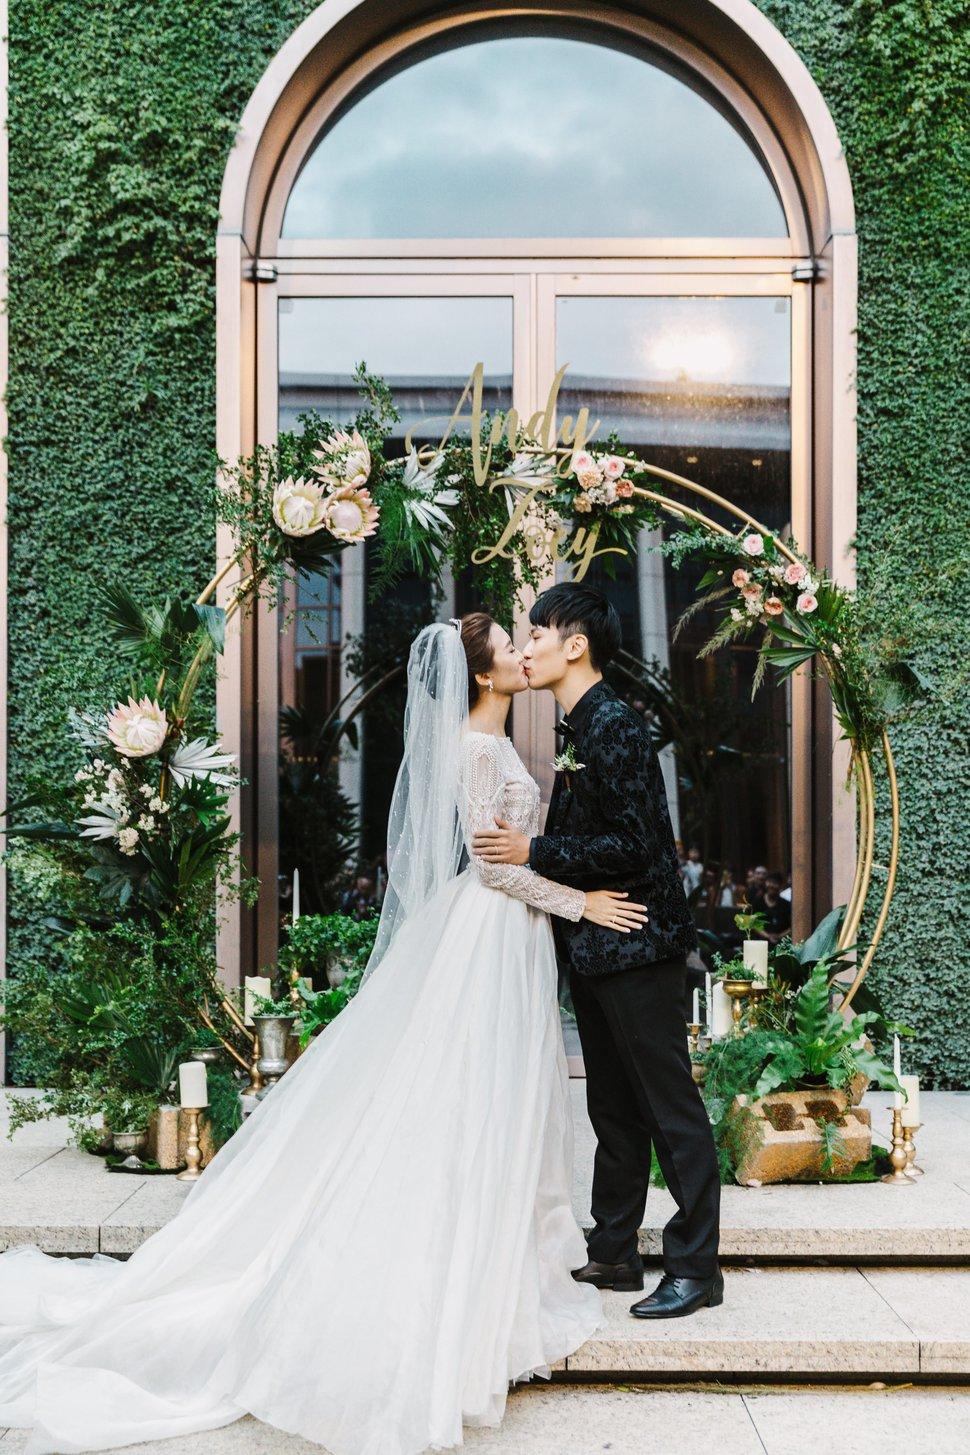 美式婚禮|Andy& Zoey Wedding | 萬豪酒店婚禮|美式婚禮紀錄 - 戶外婚禮 - 美式婚攝105 - Amazing Grace Studio - 結婚吧